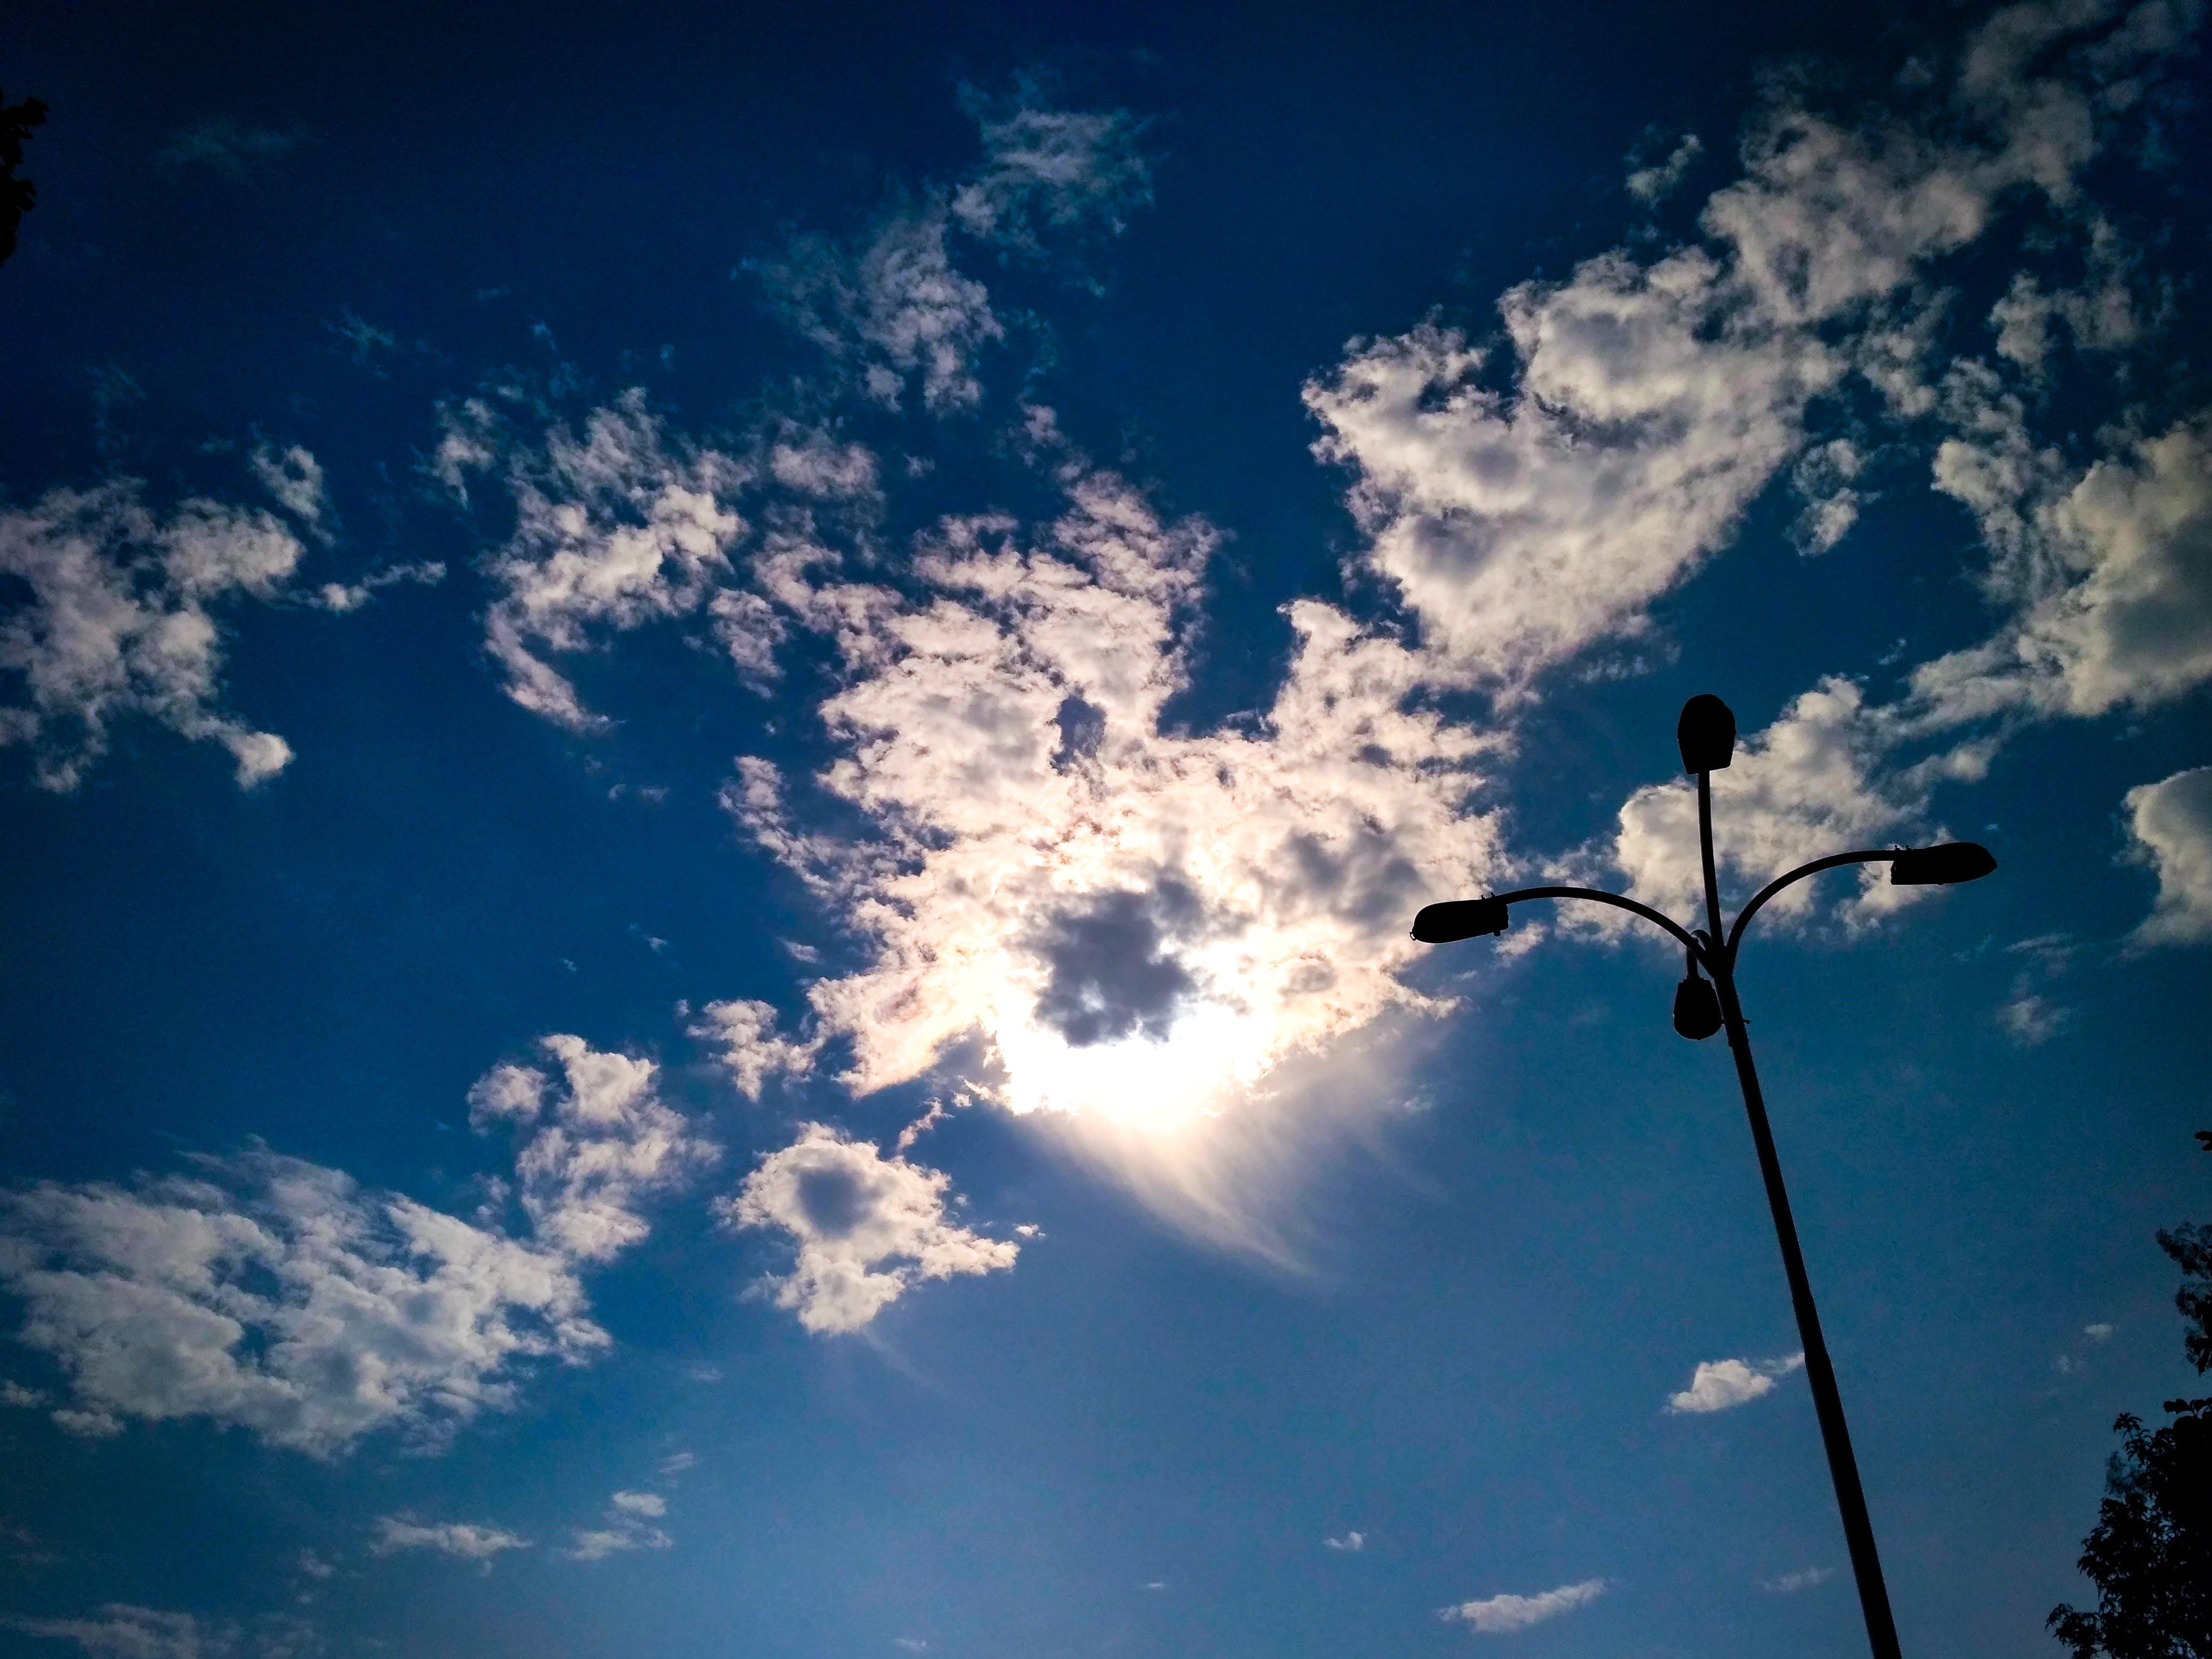 가로등, 구름, 구름 하늘, 자연의 무료 스톡 사진